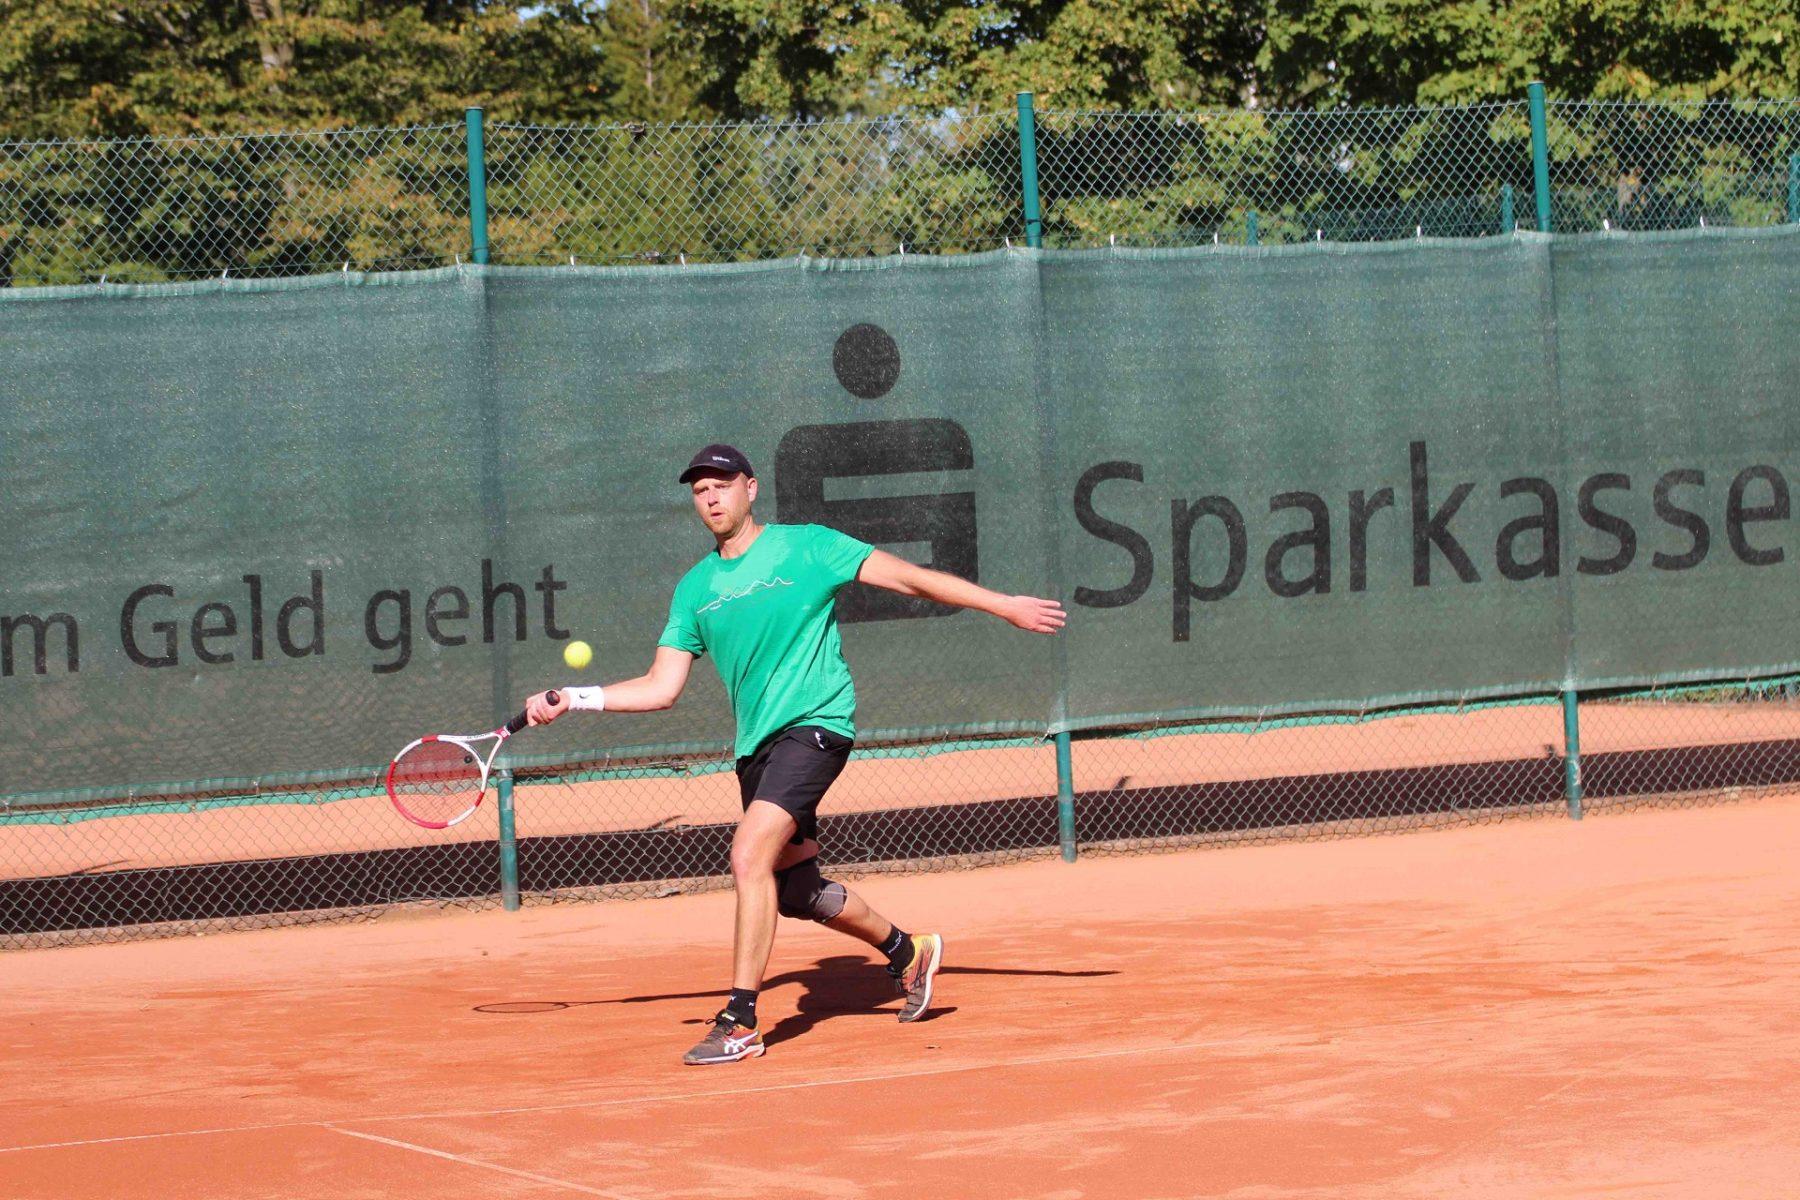 telekom-post-sv-bielefeld-tennisabteilung-vereinsmeisterschaften-2020-impressionen-4-hp